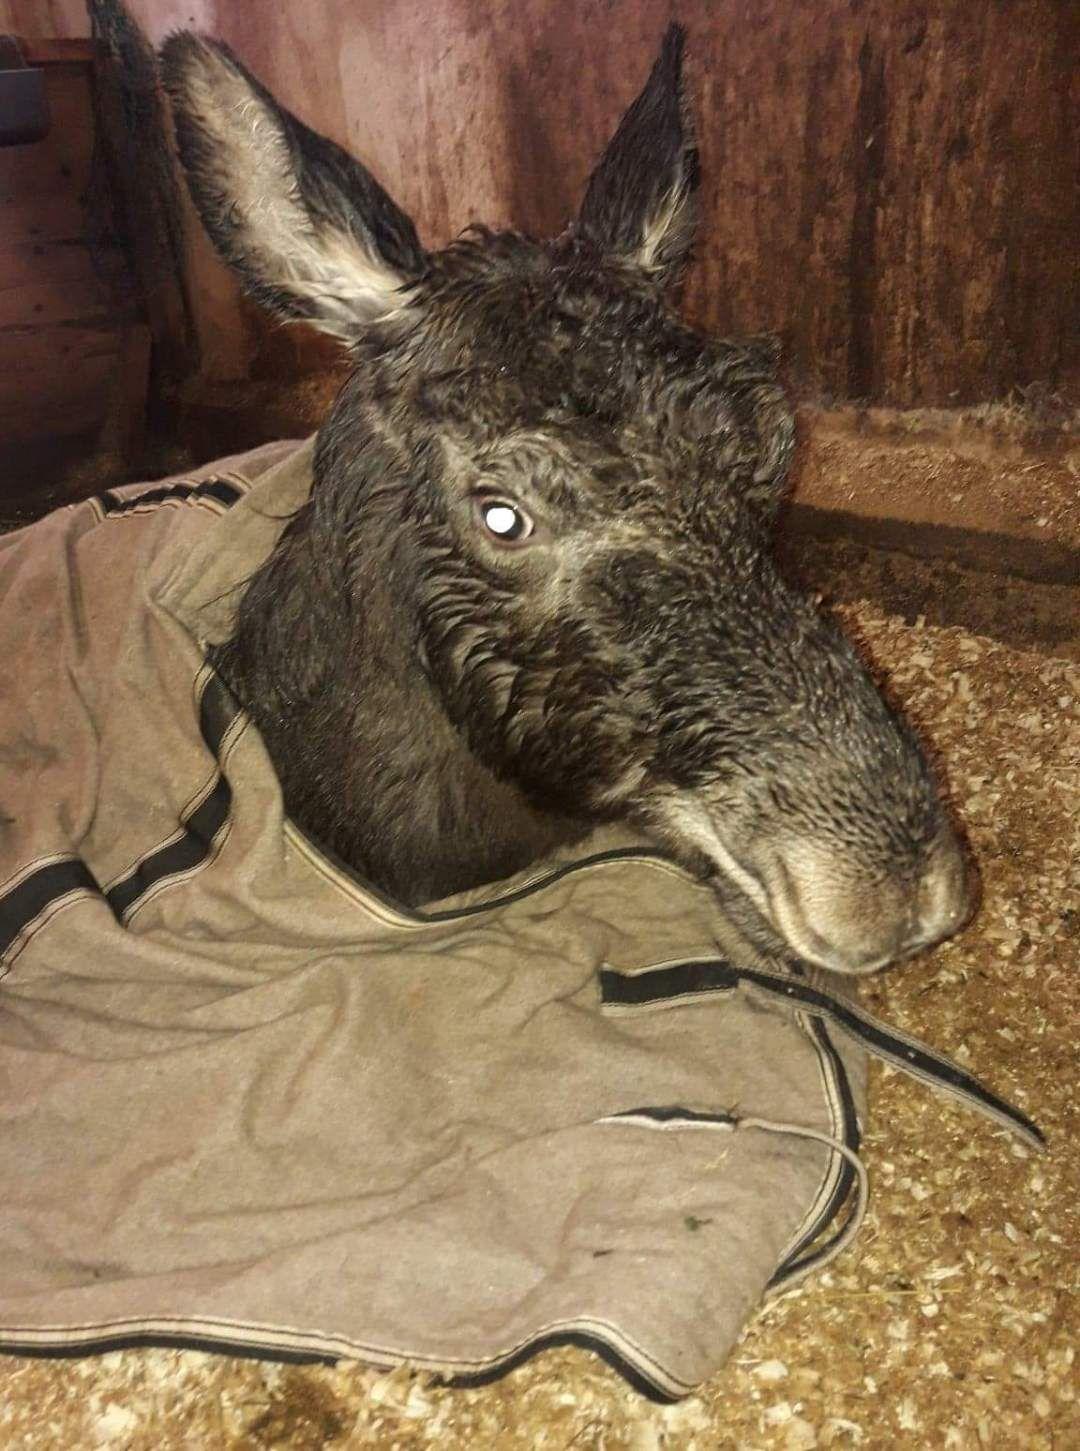 I STALLEN: Her er elgkalven i stallen til Anett Adriansen og Jan Atle Setså. Han var sterkt nedkjølt og klarte ikke overleve.